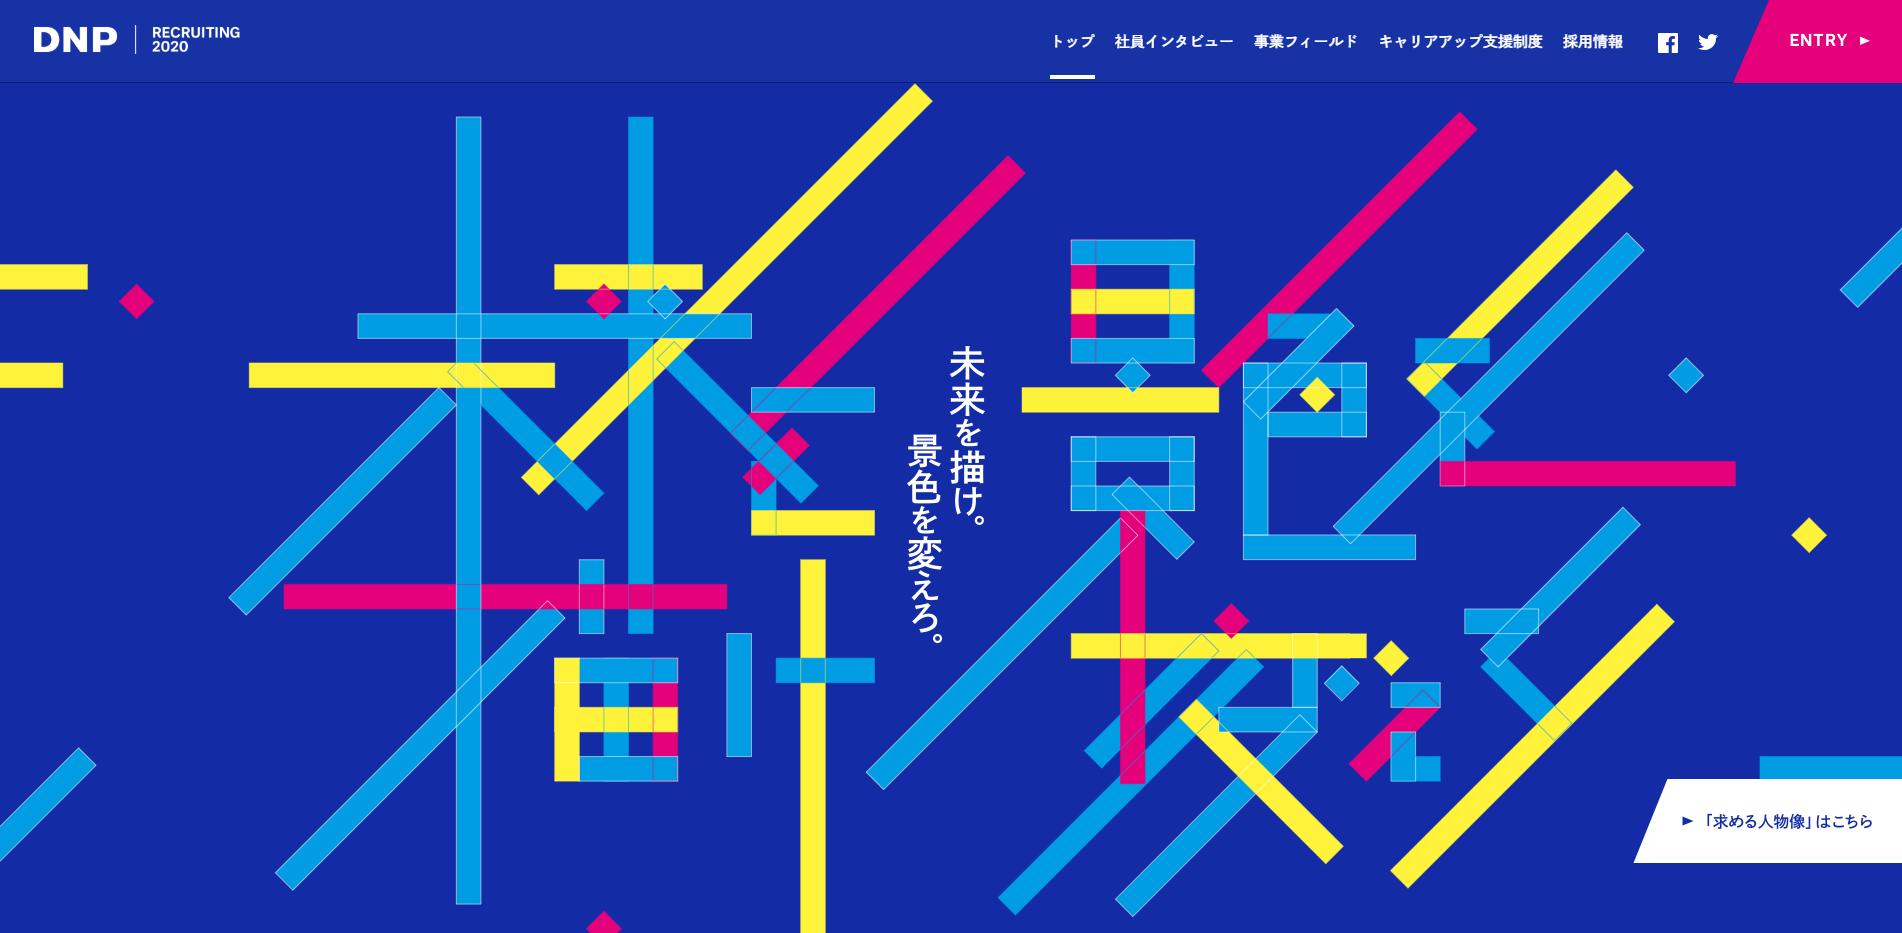 DNP(大日本印刷)